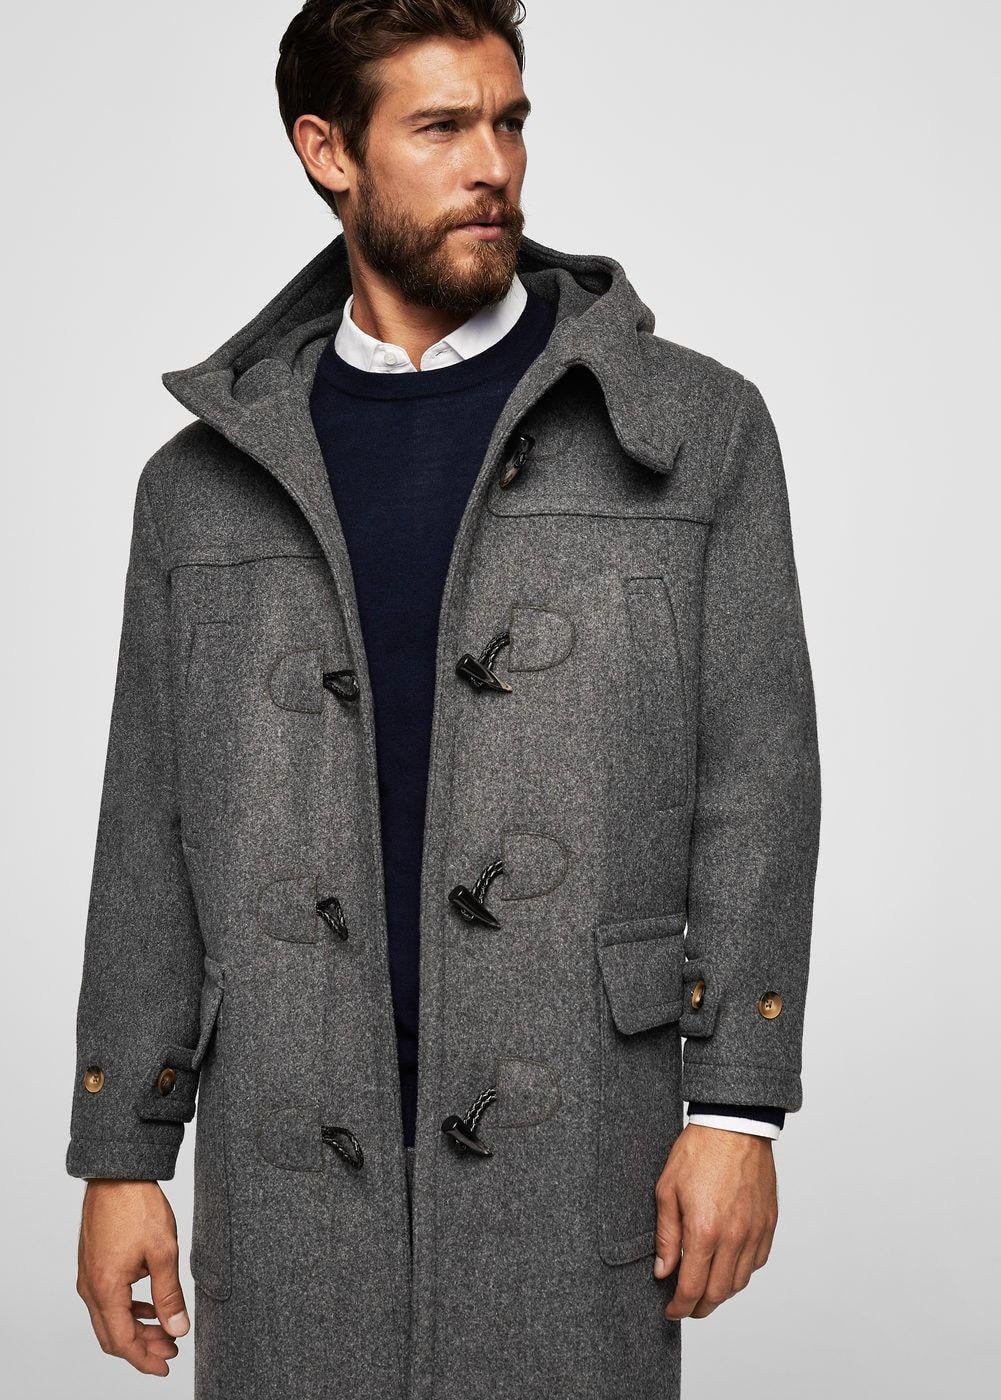 10 abrigos low cost para darle la bienvenida al frío